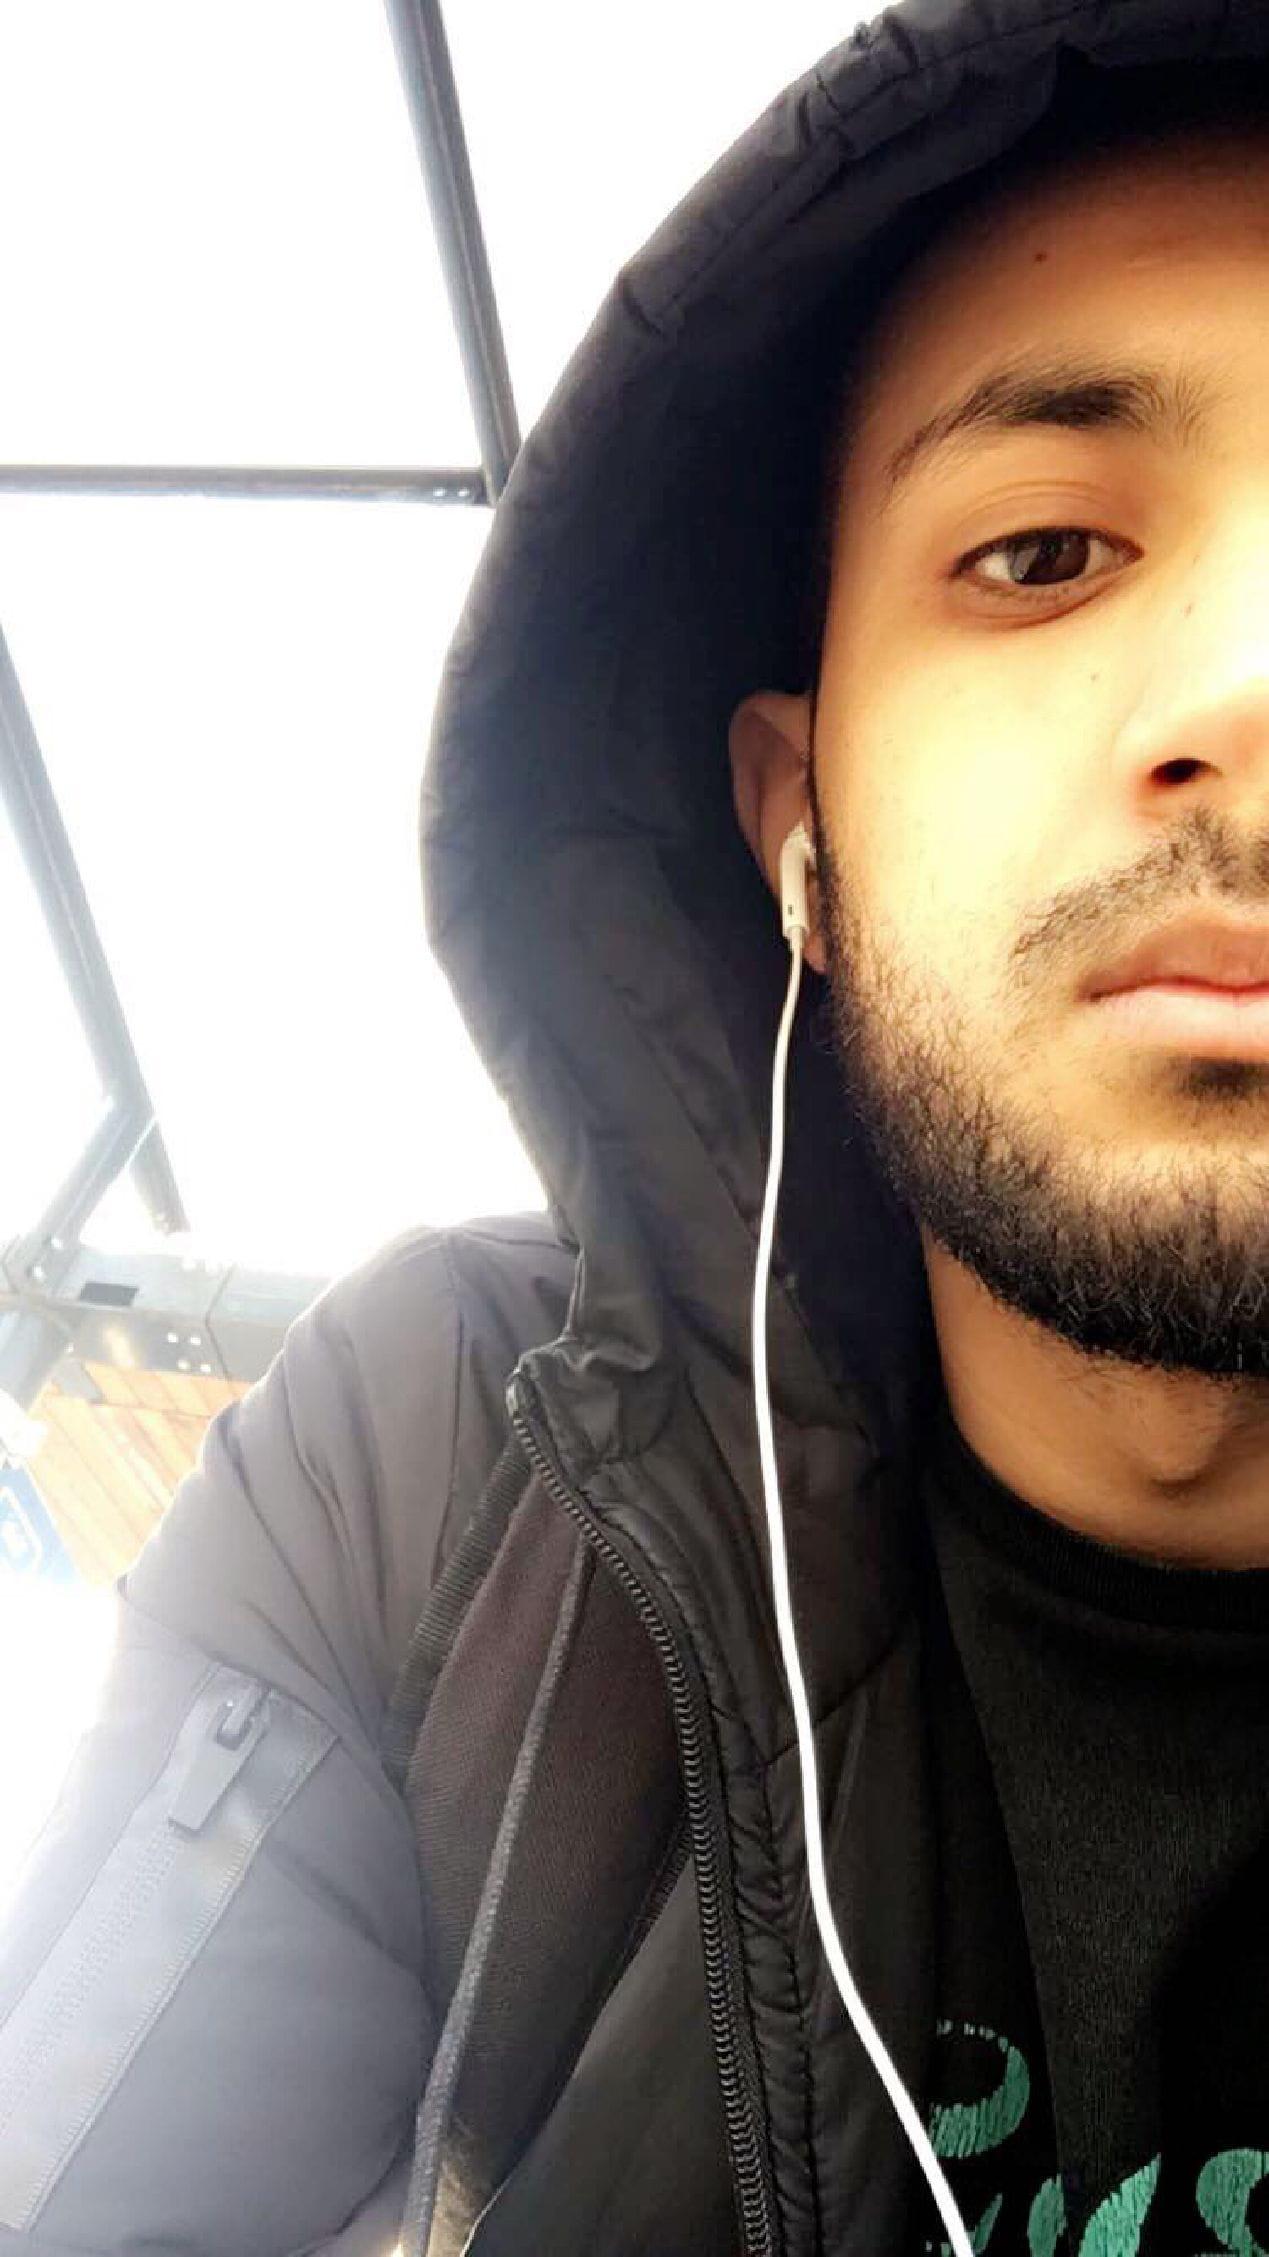 Khaled YUNITI